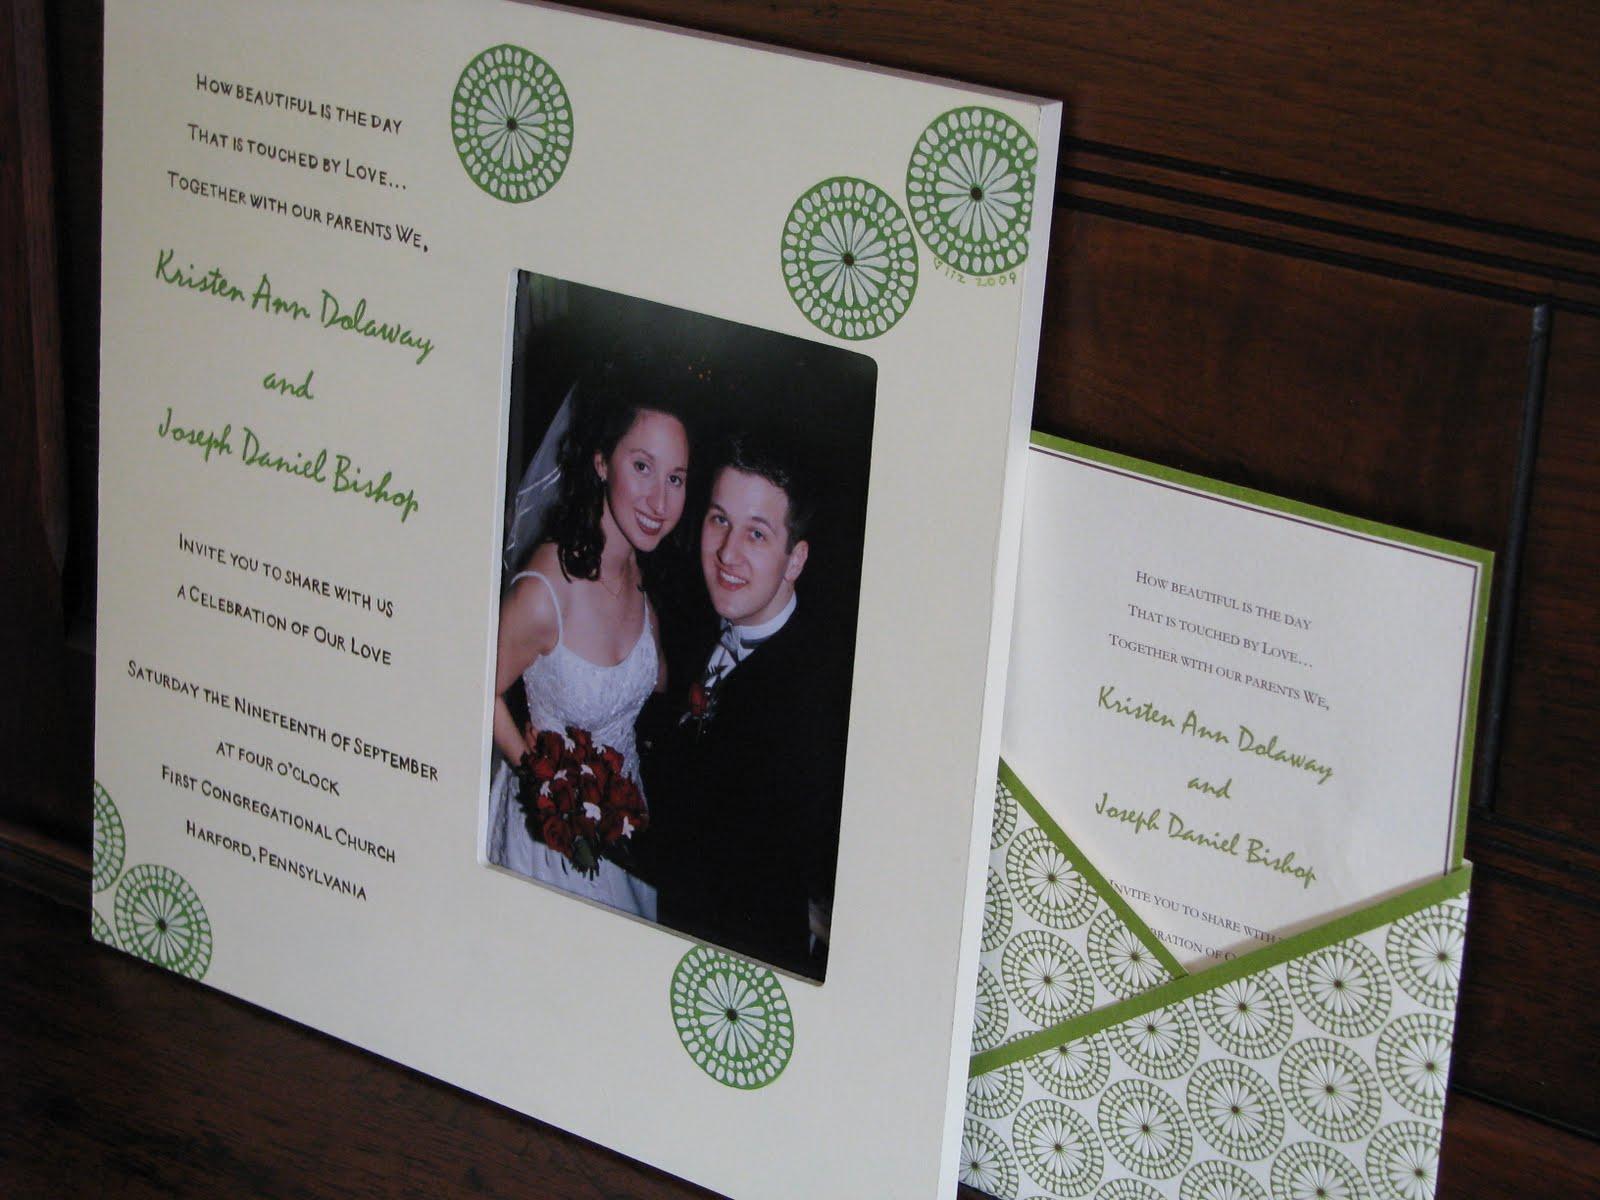 http://4.bp.blogspot.com/_CYJB2nL0Y2s/S8p5H_x4olI/AAAAAAAAABE/hjG5ExByngI/s1600/wedding%2Bframe%2Bwith%2Binvitation.JPG